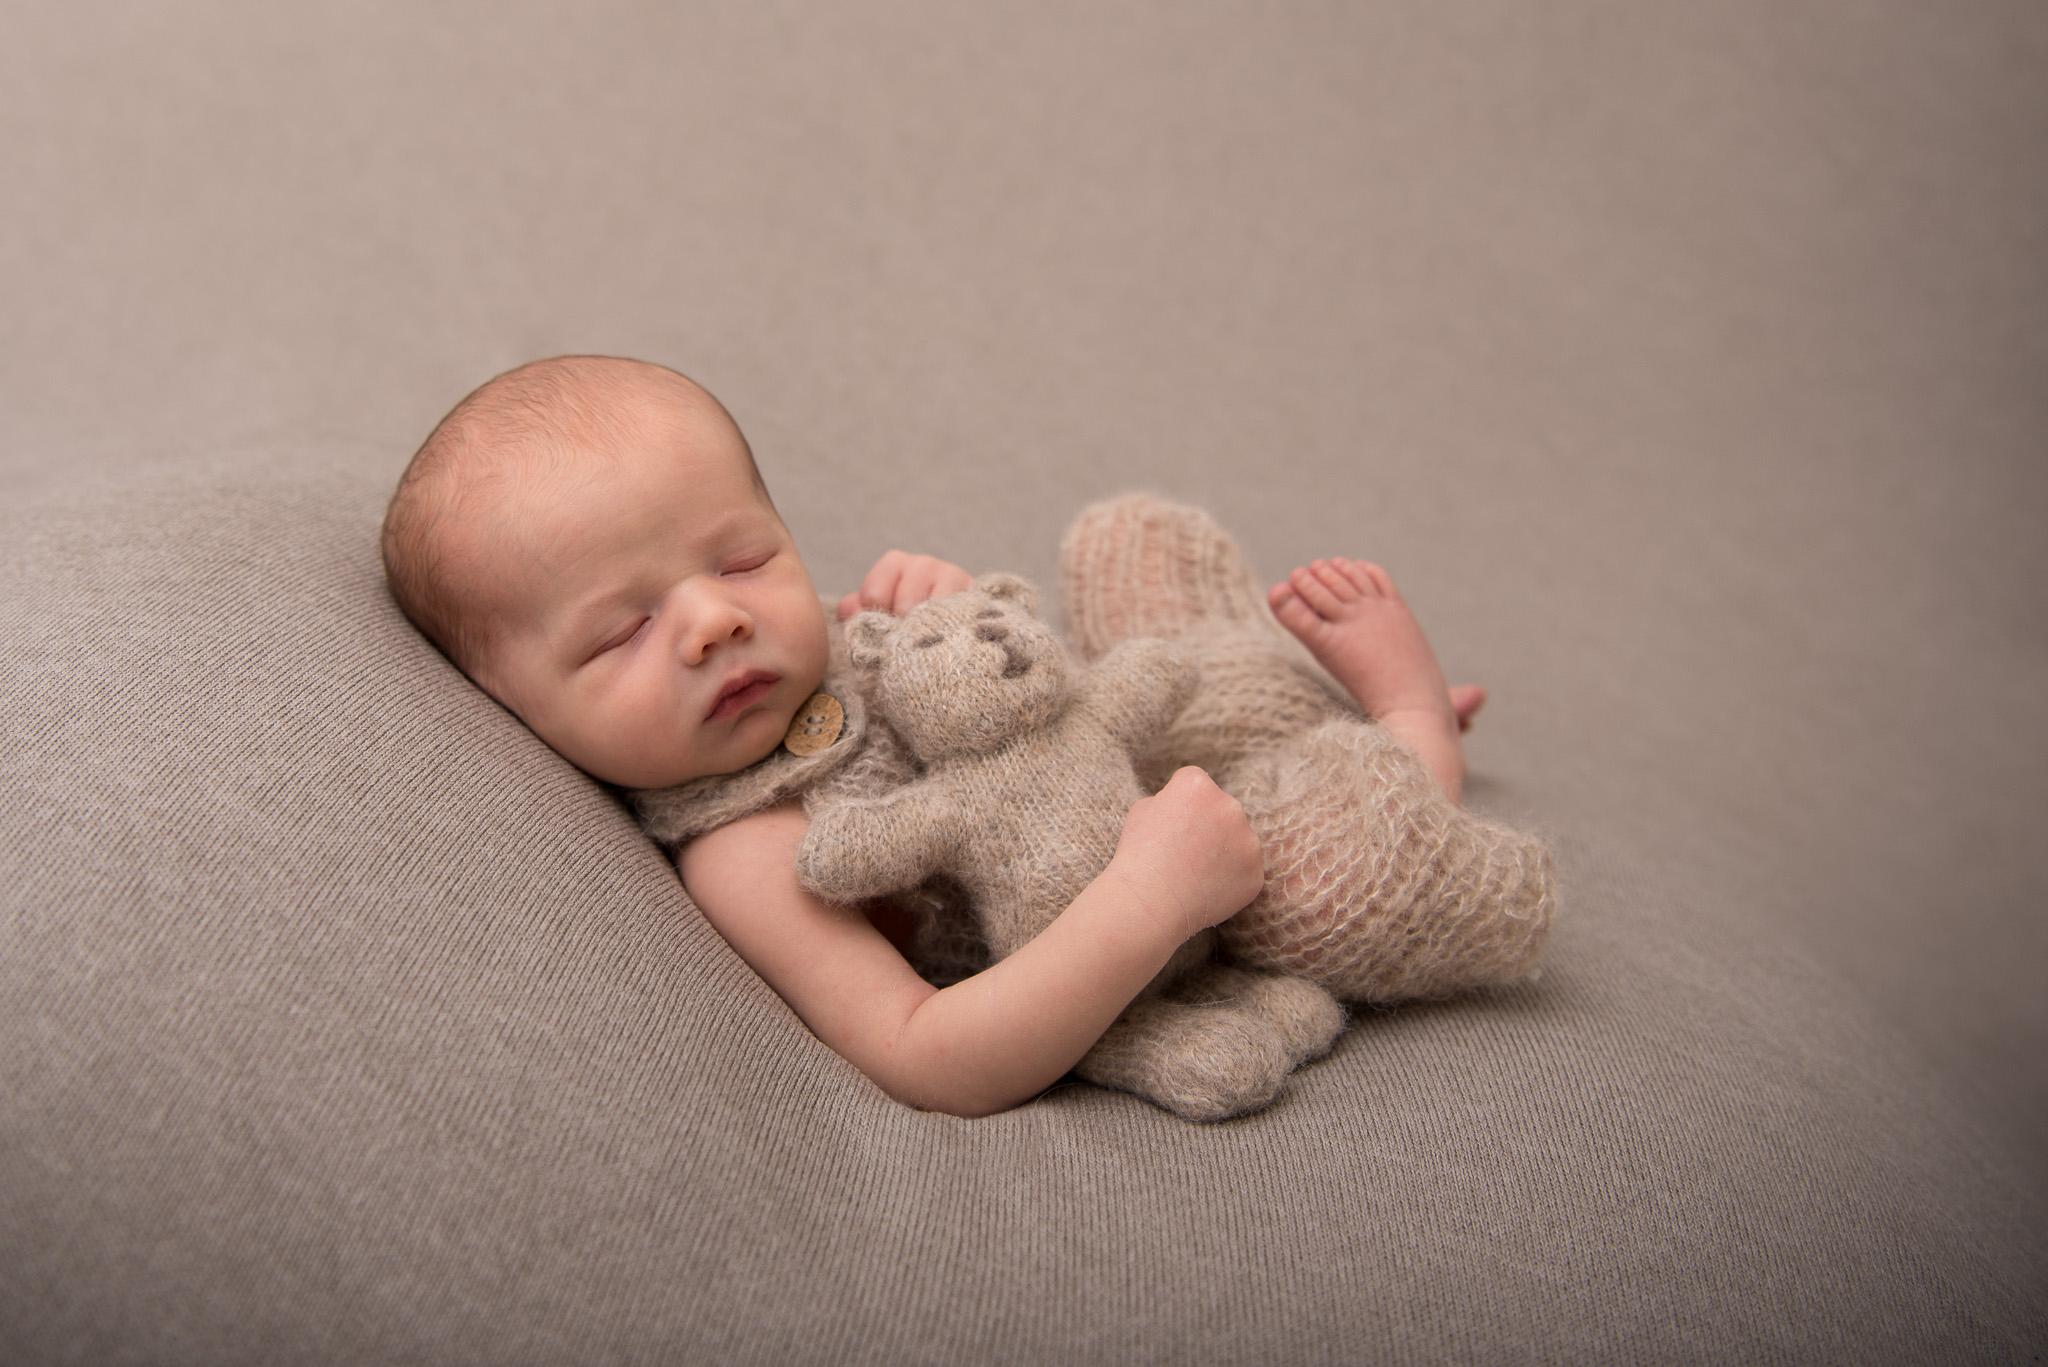 Barnfotograf Kristianstad Smallmoments by Any-photo -